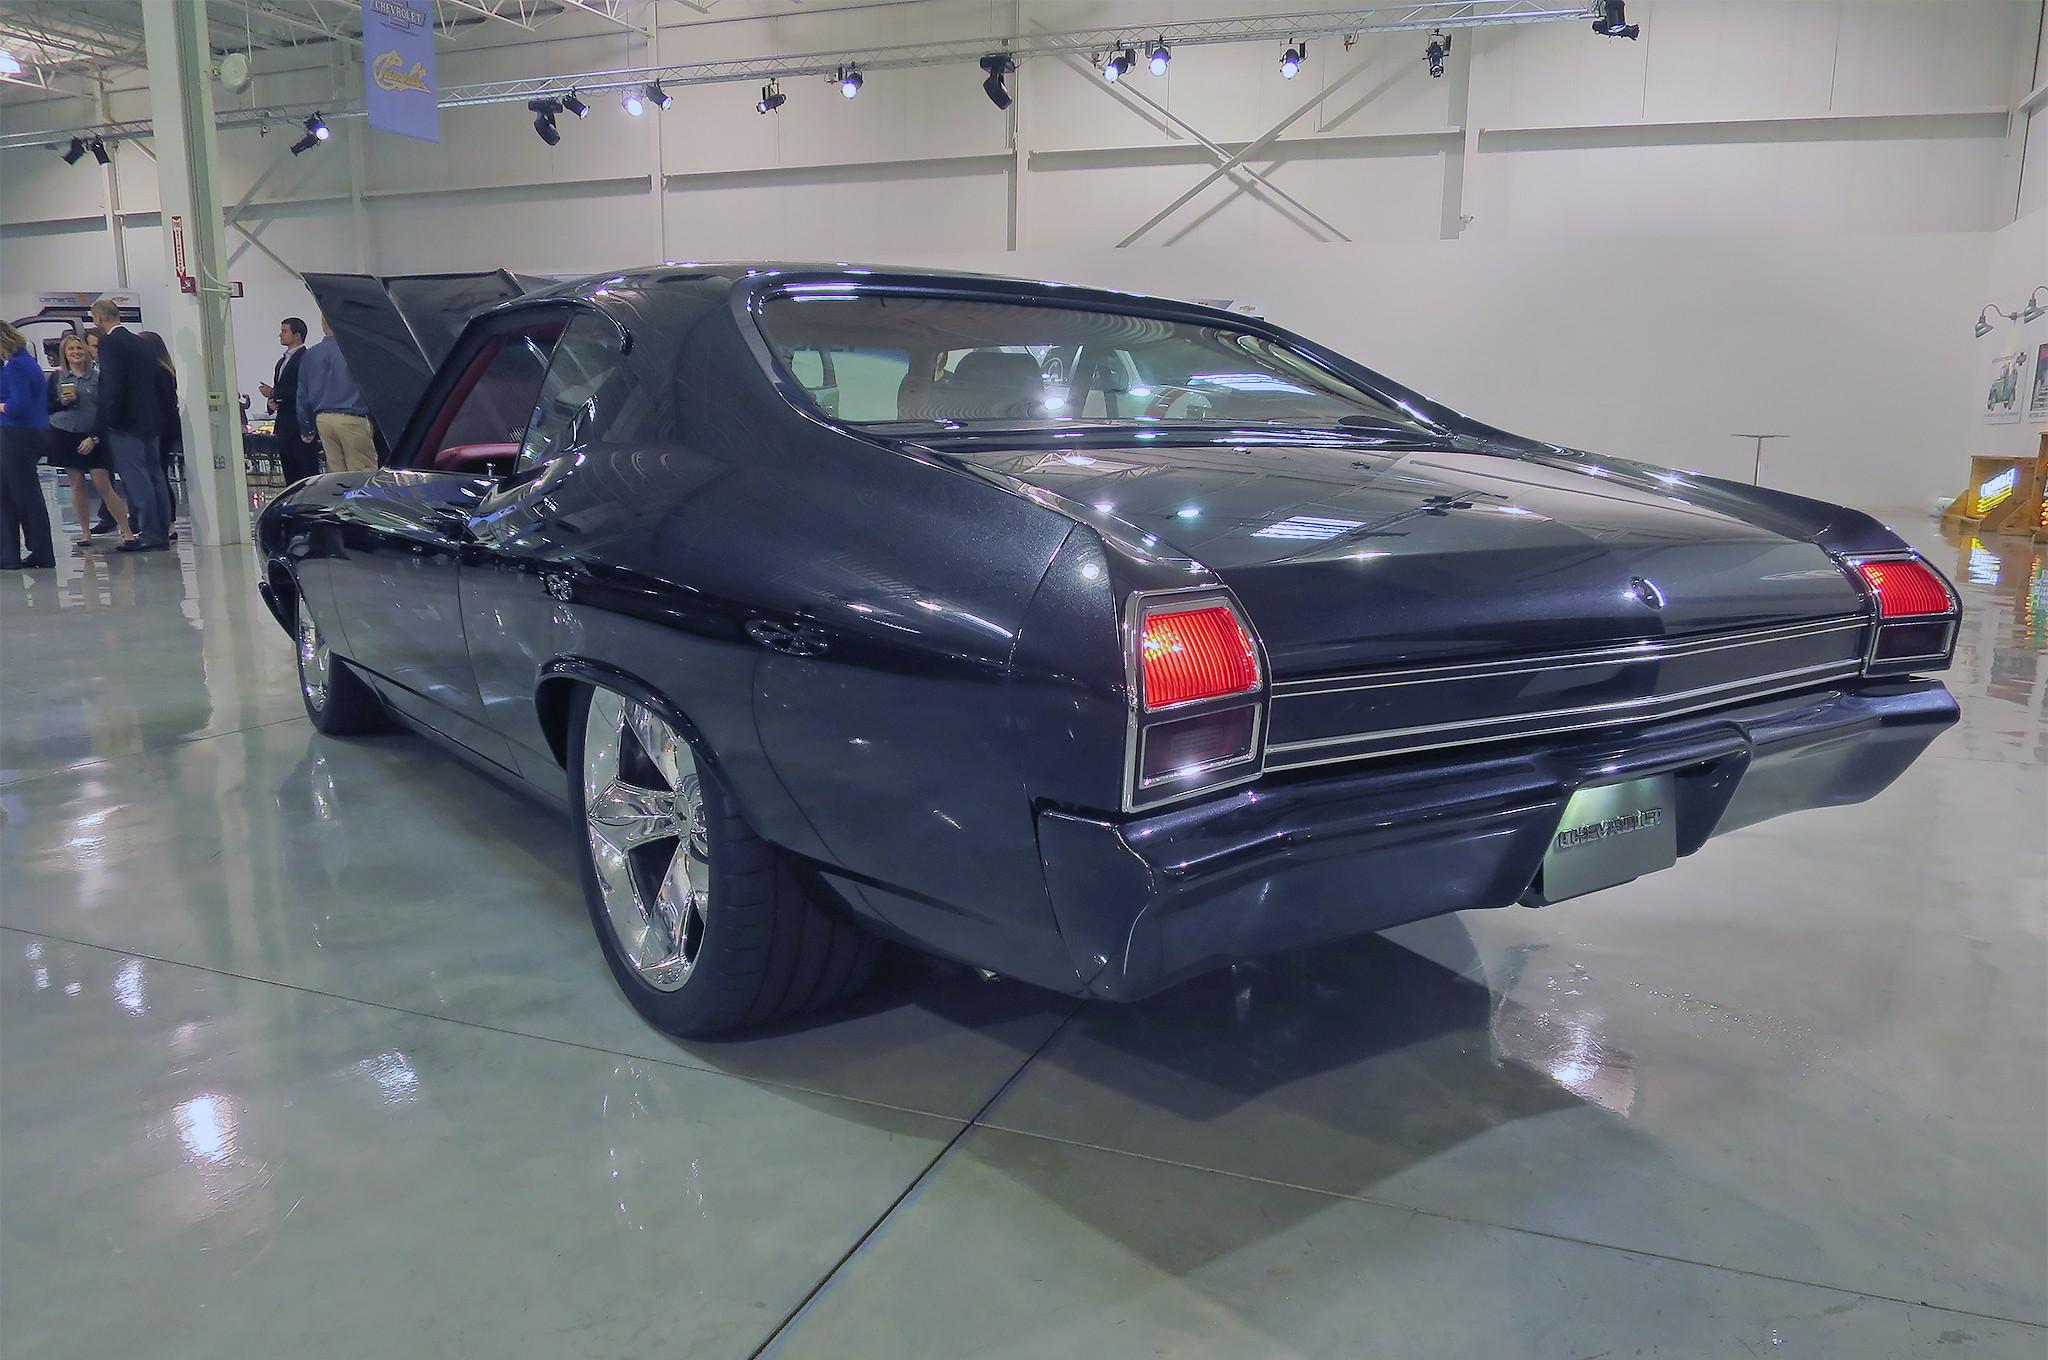 1969 Chevrolet Chevelle Slammer rear three quarter